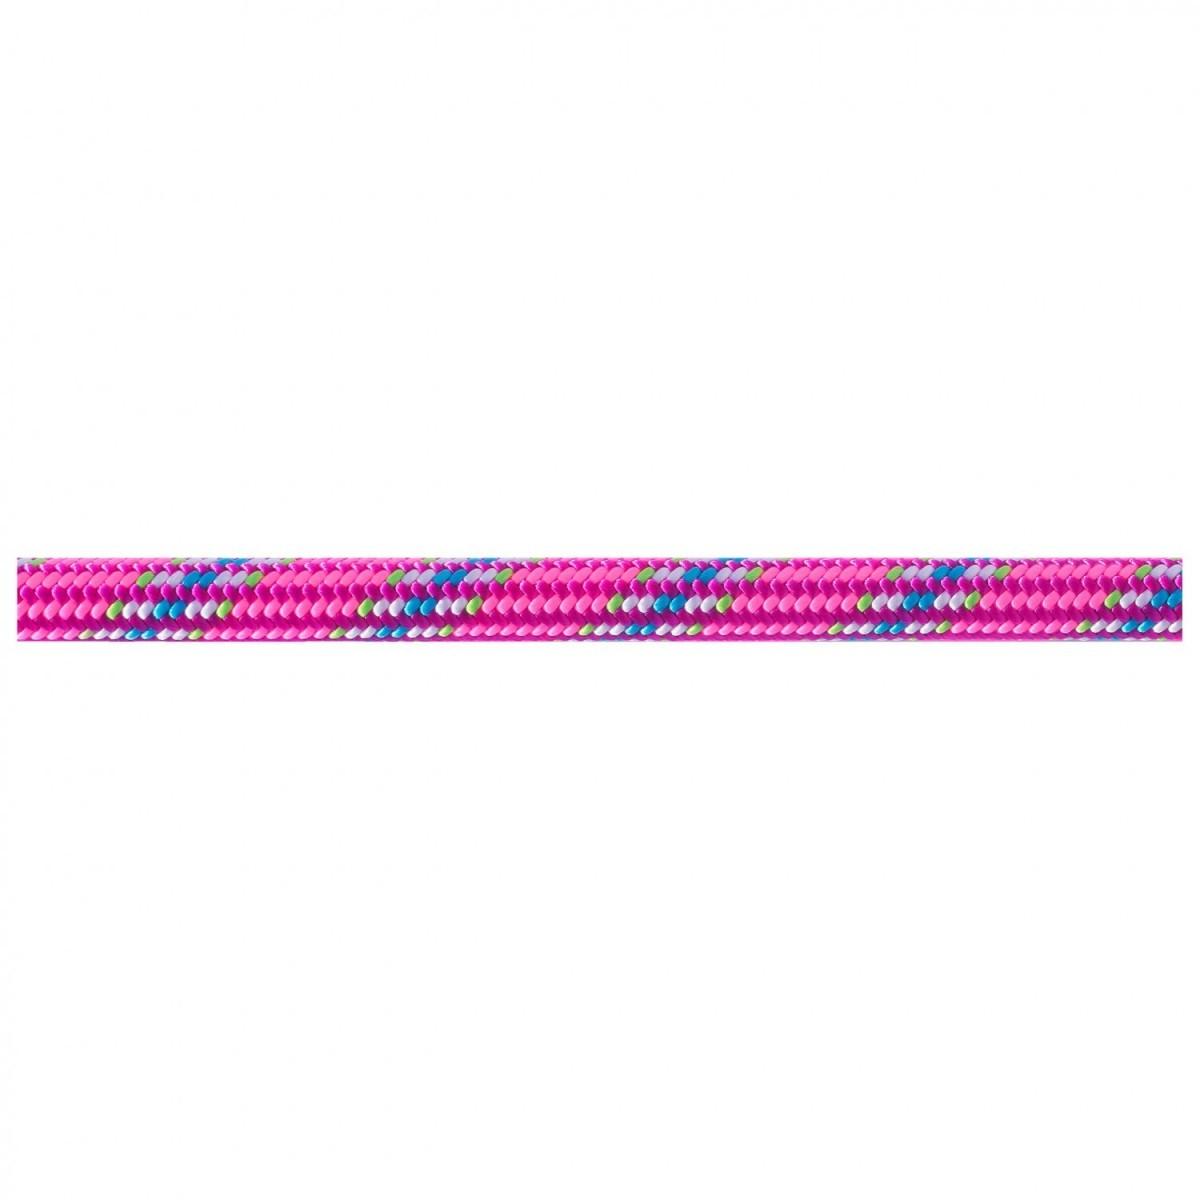 BEAL べアール Ice Line 8.1 mm(60m - Fuchsia)★ロープ・ザイル・登山・クライミング★